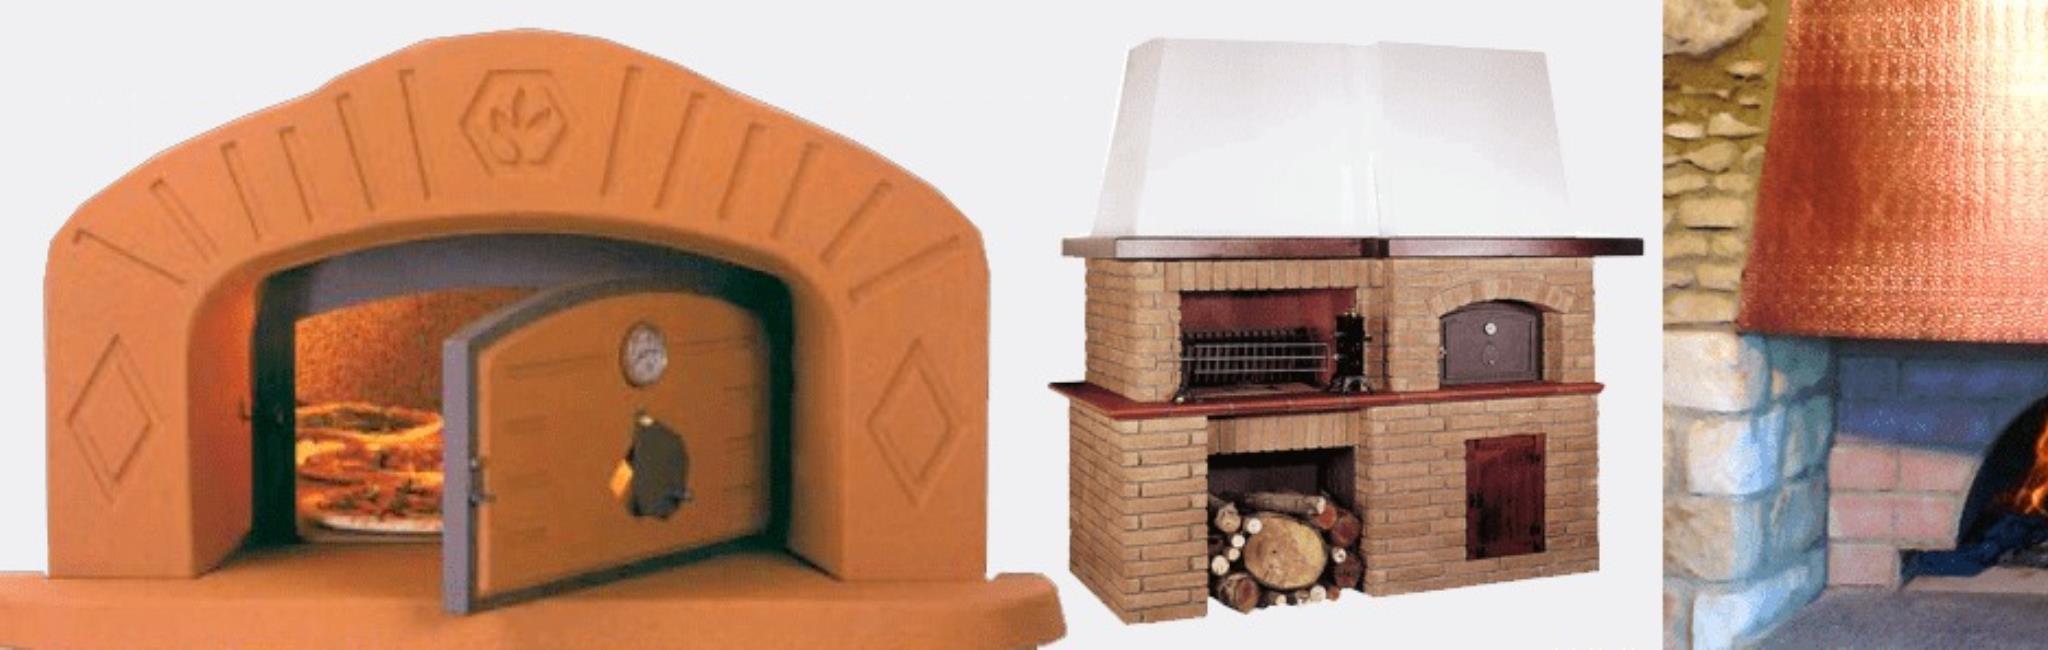 Forni a legna prefabbricati per pizza e pane forni professionali forni per la casa - Forno pizza casa legna ...